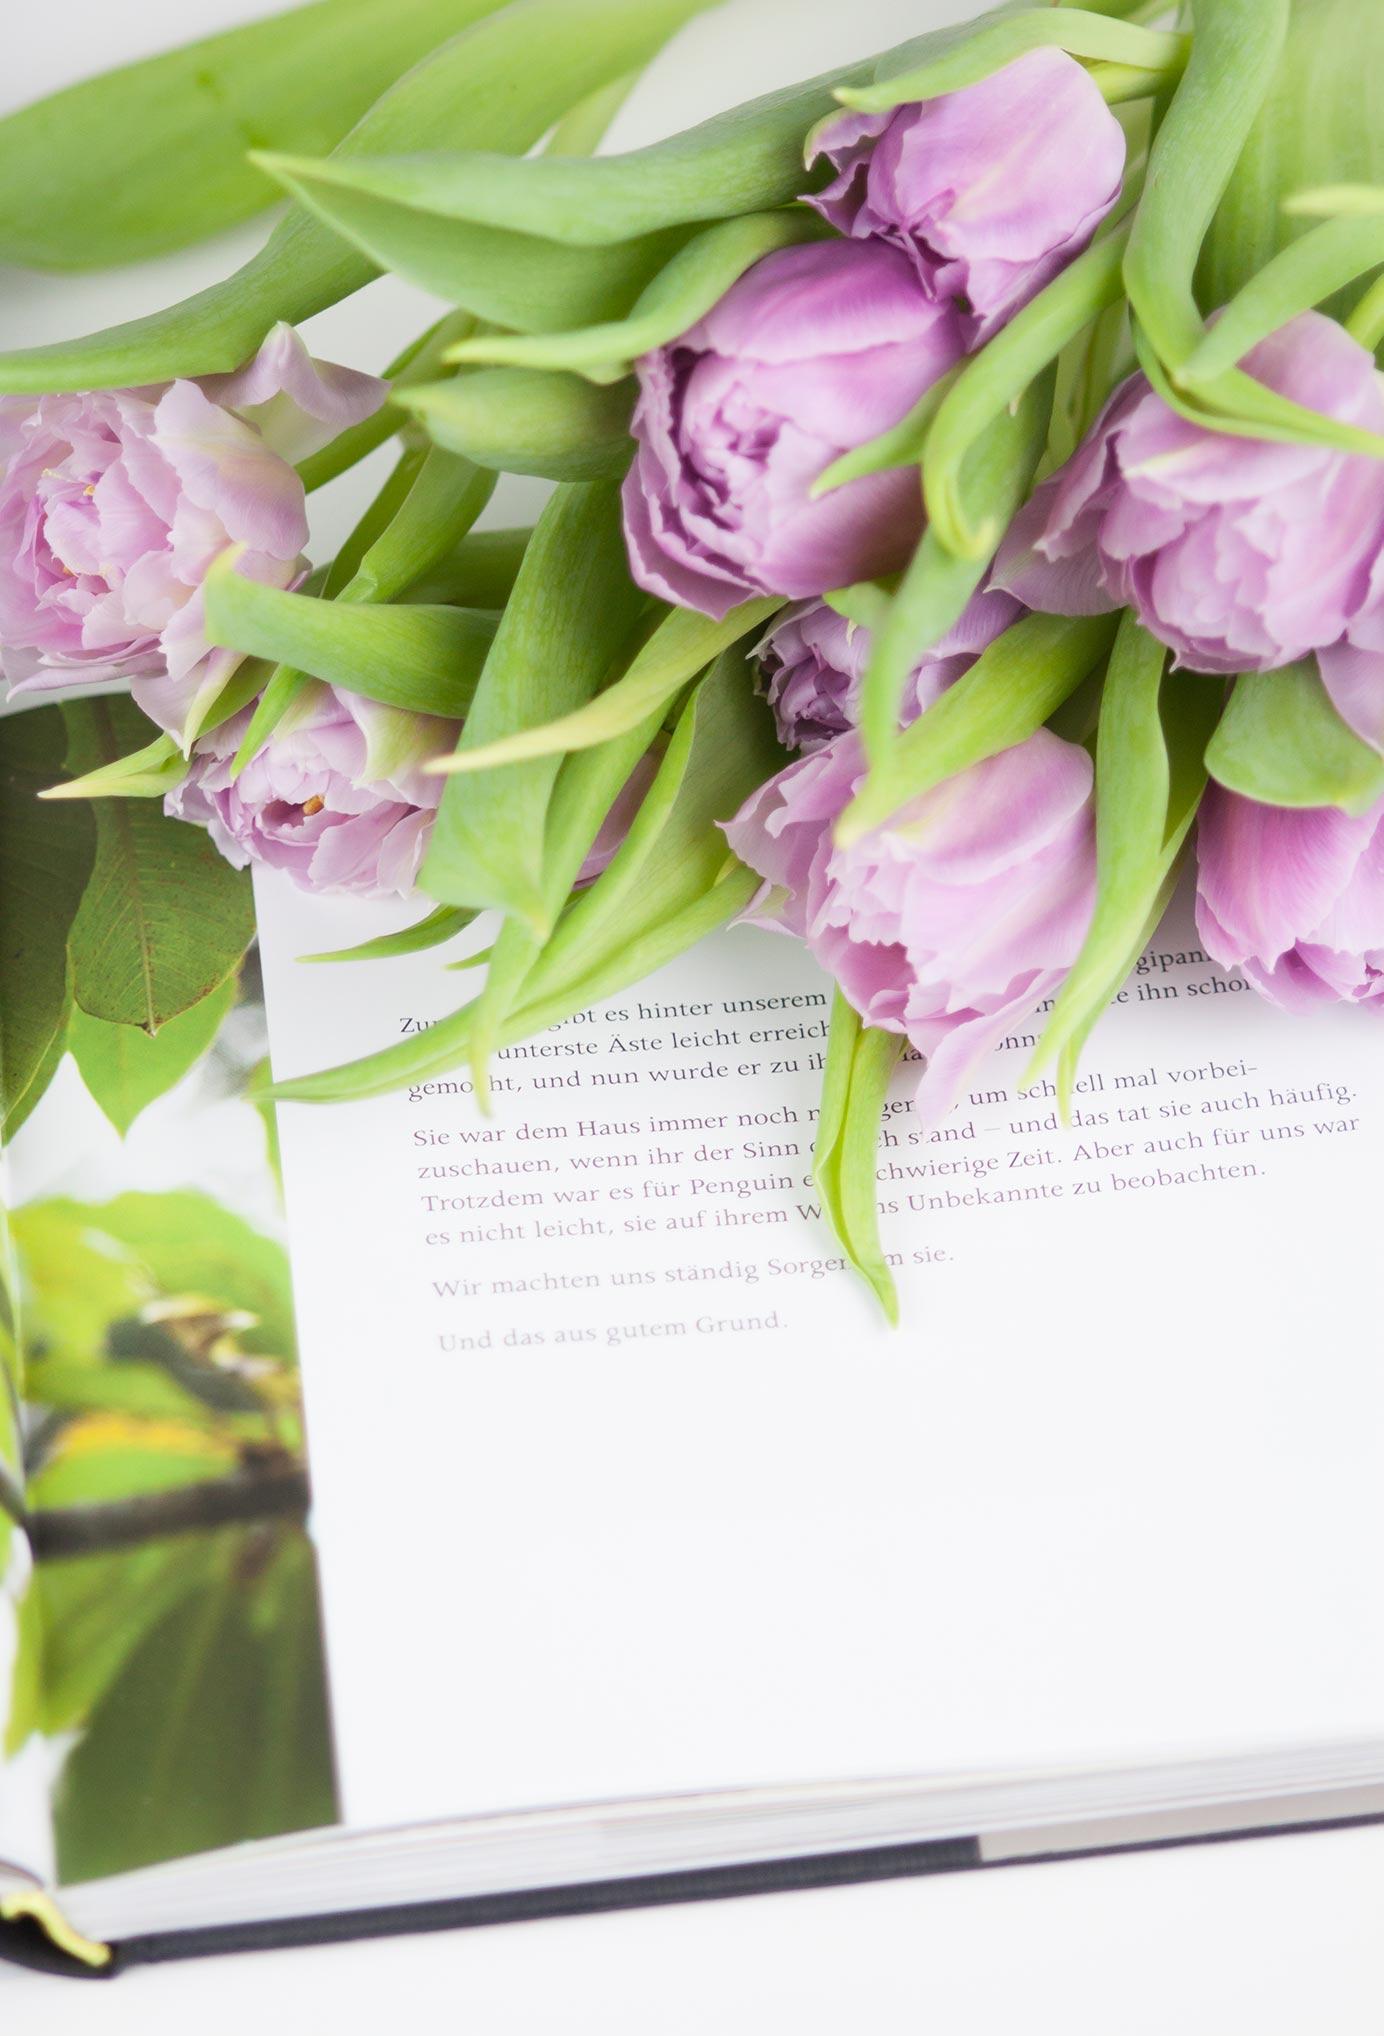 Penguin Bloom Buch Geschenktipp